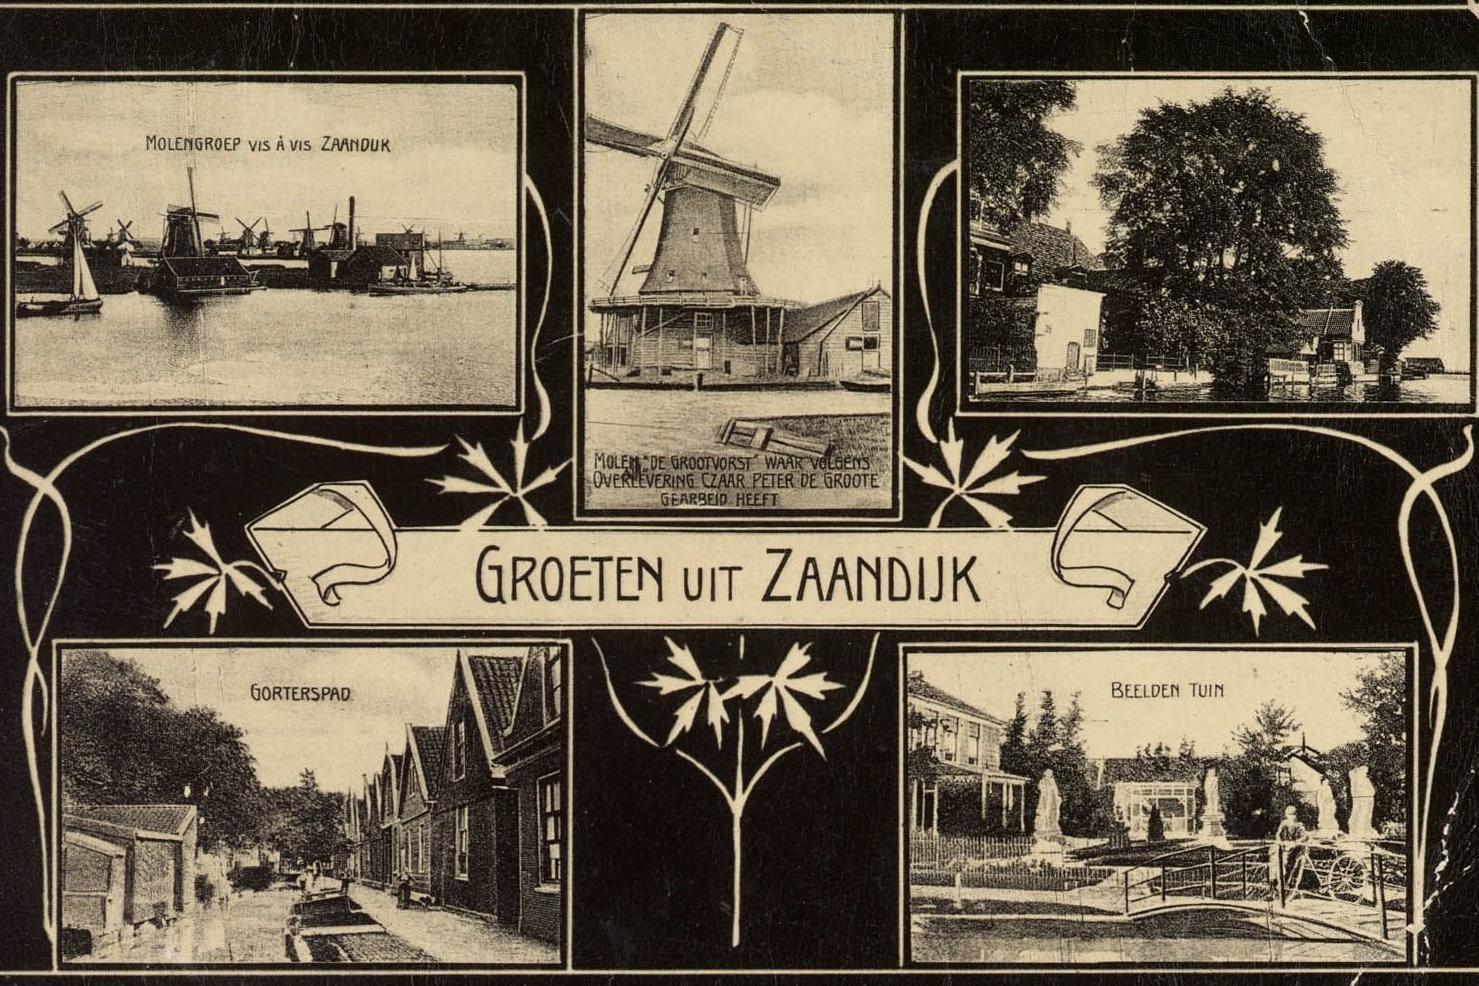 - Groeten uit Zaandijk -